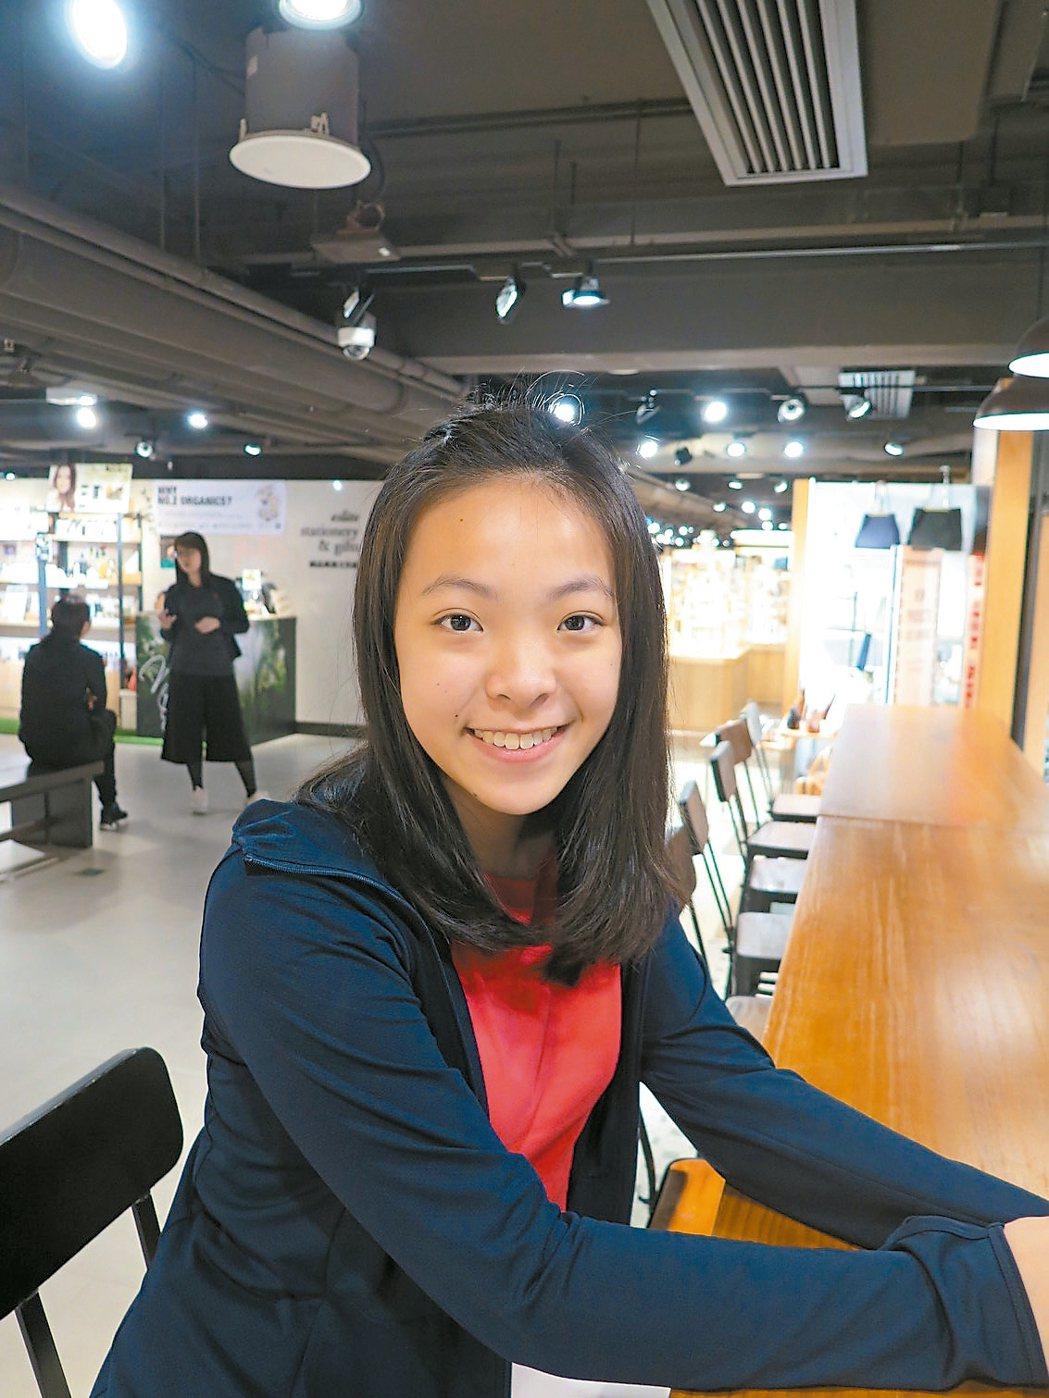 香港中學生飛飛。 記者潘俊宏、何定照/香港攝影